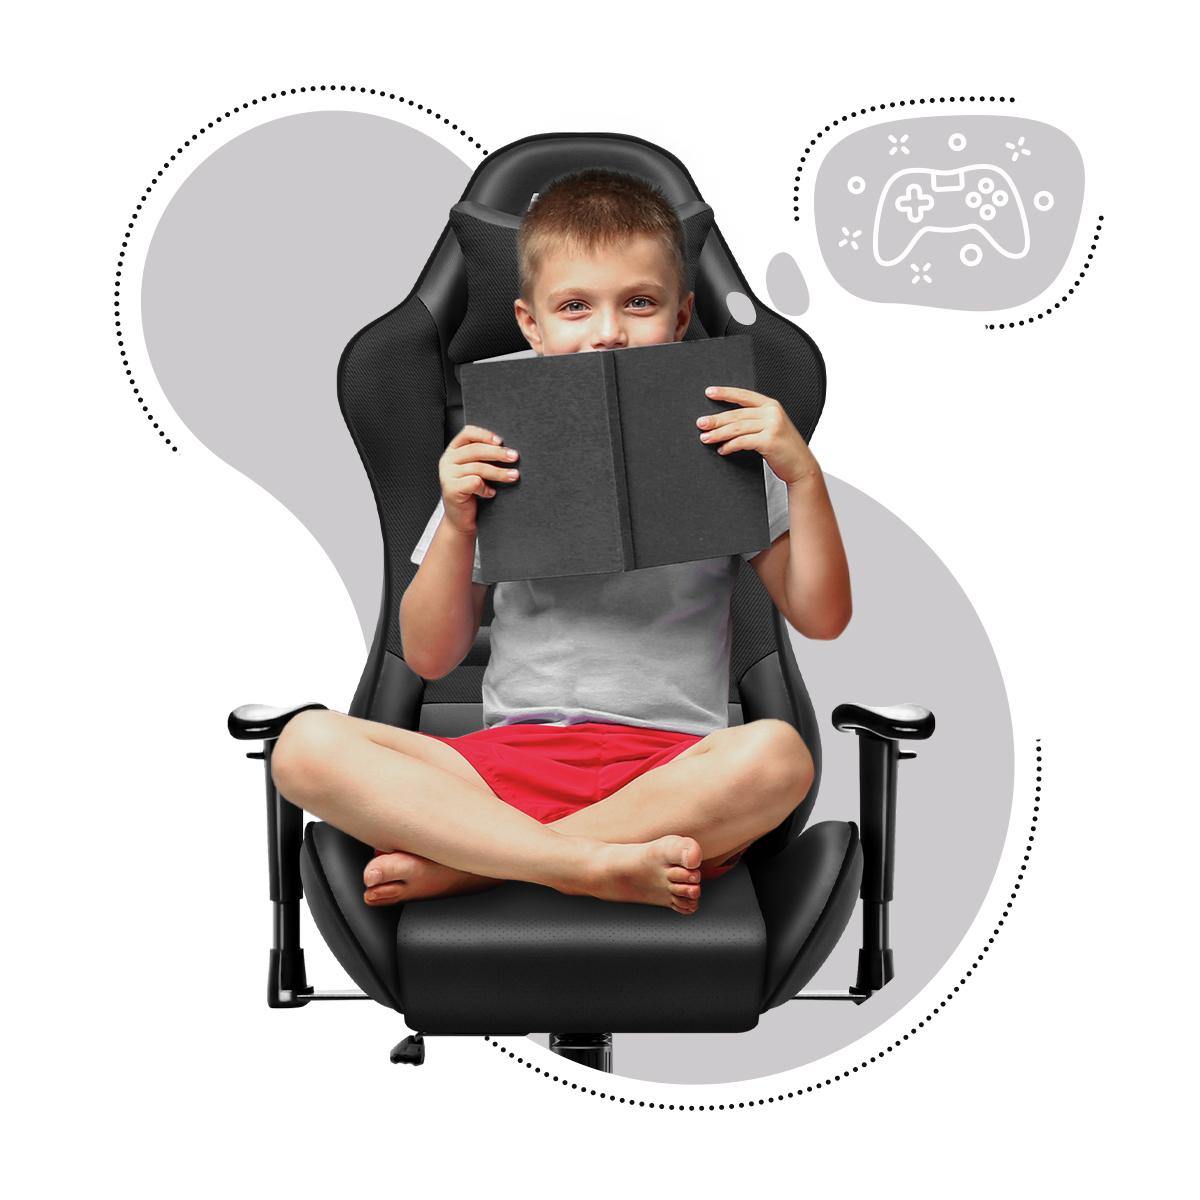 Dziecko siedzące z książka na fotelu dziecięcym Huzaro Ranger 6.0 Black